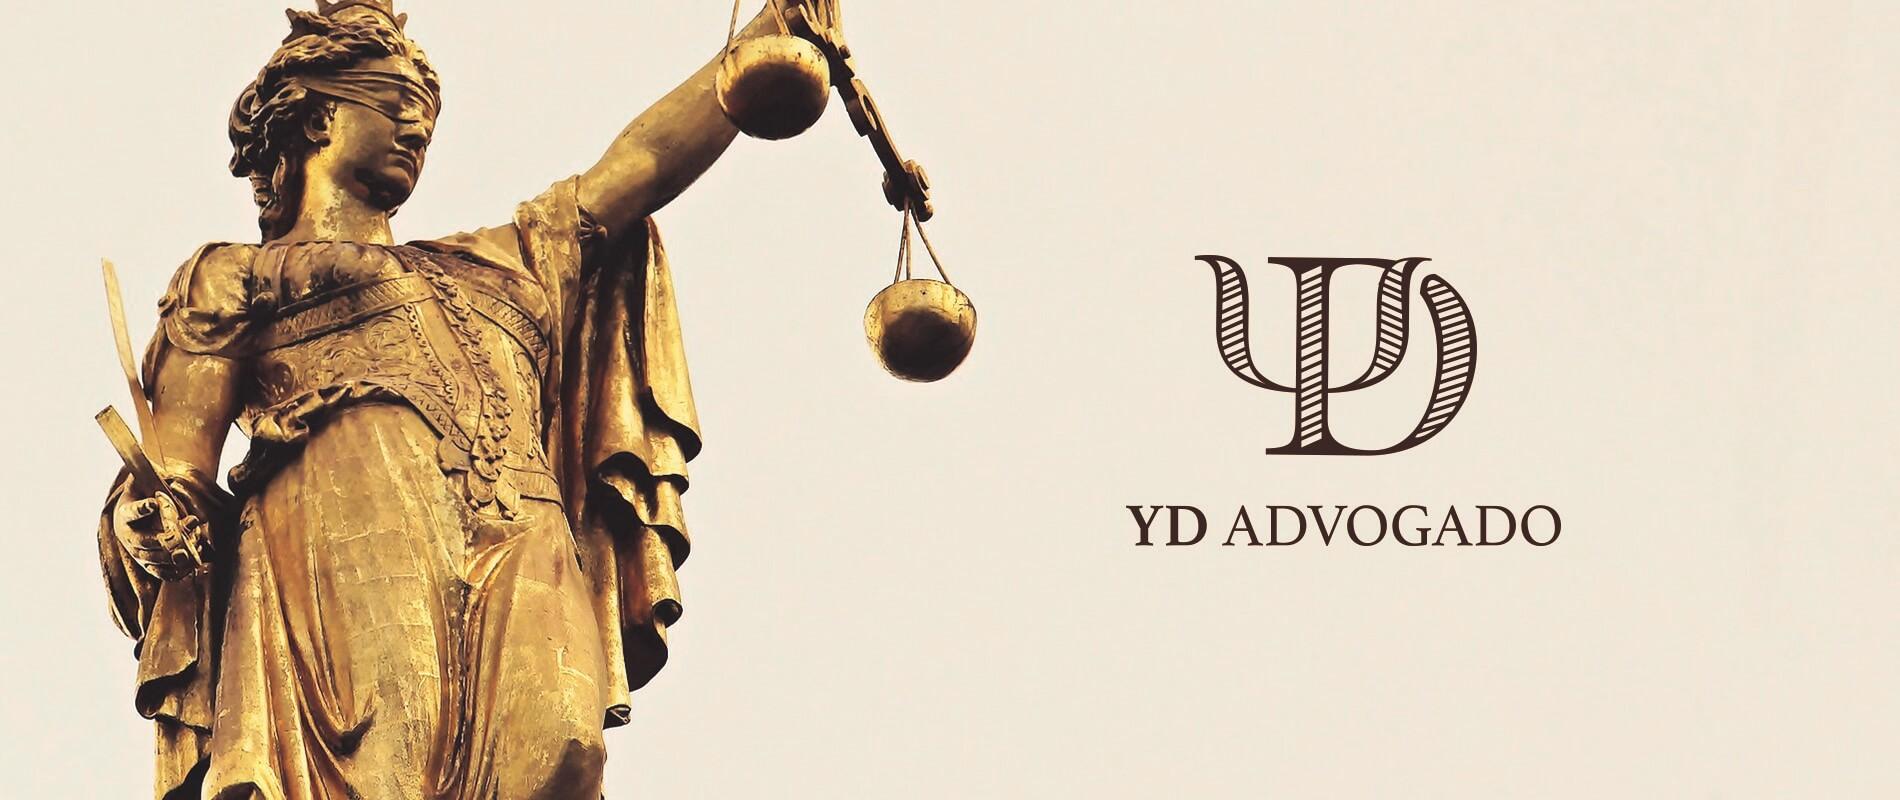 YD Advogado